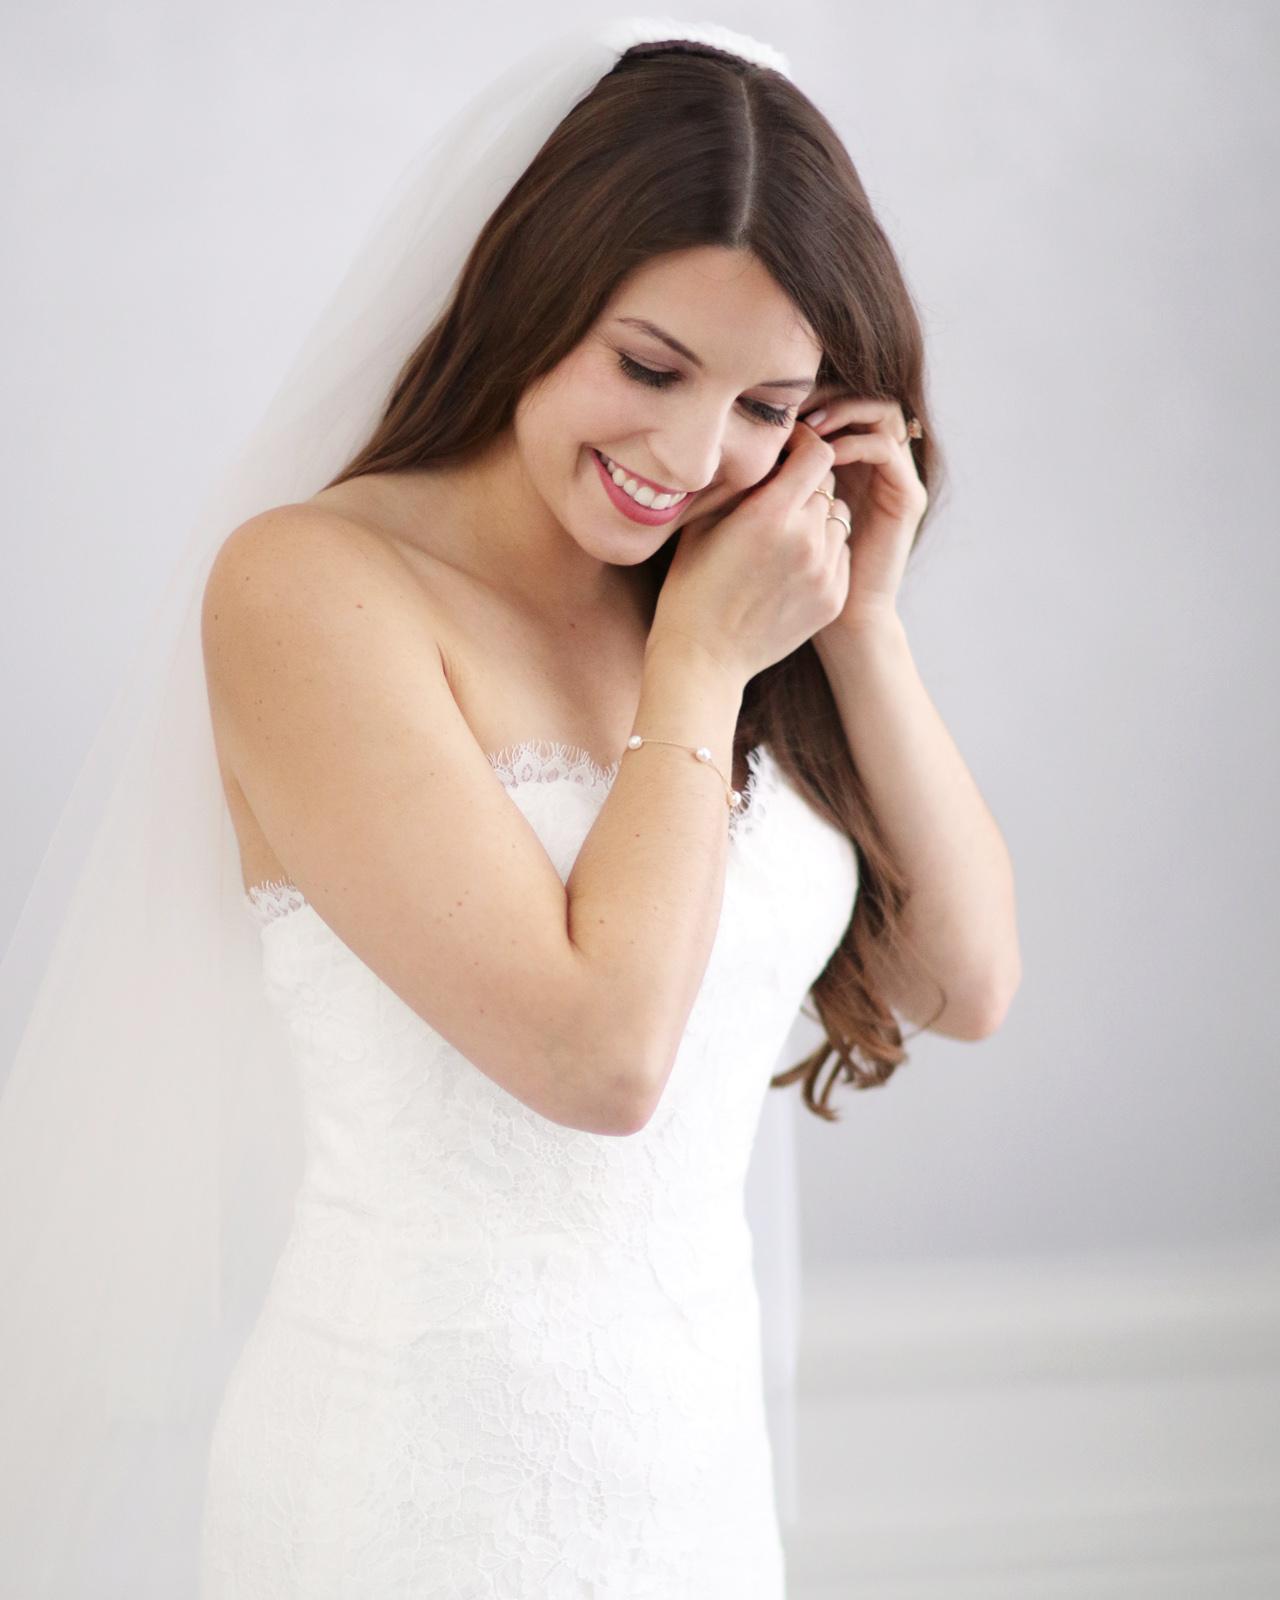 araujo-bride